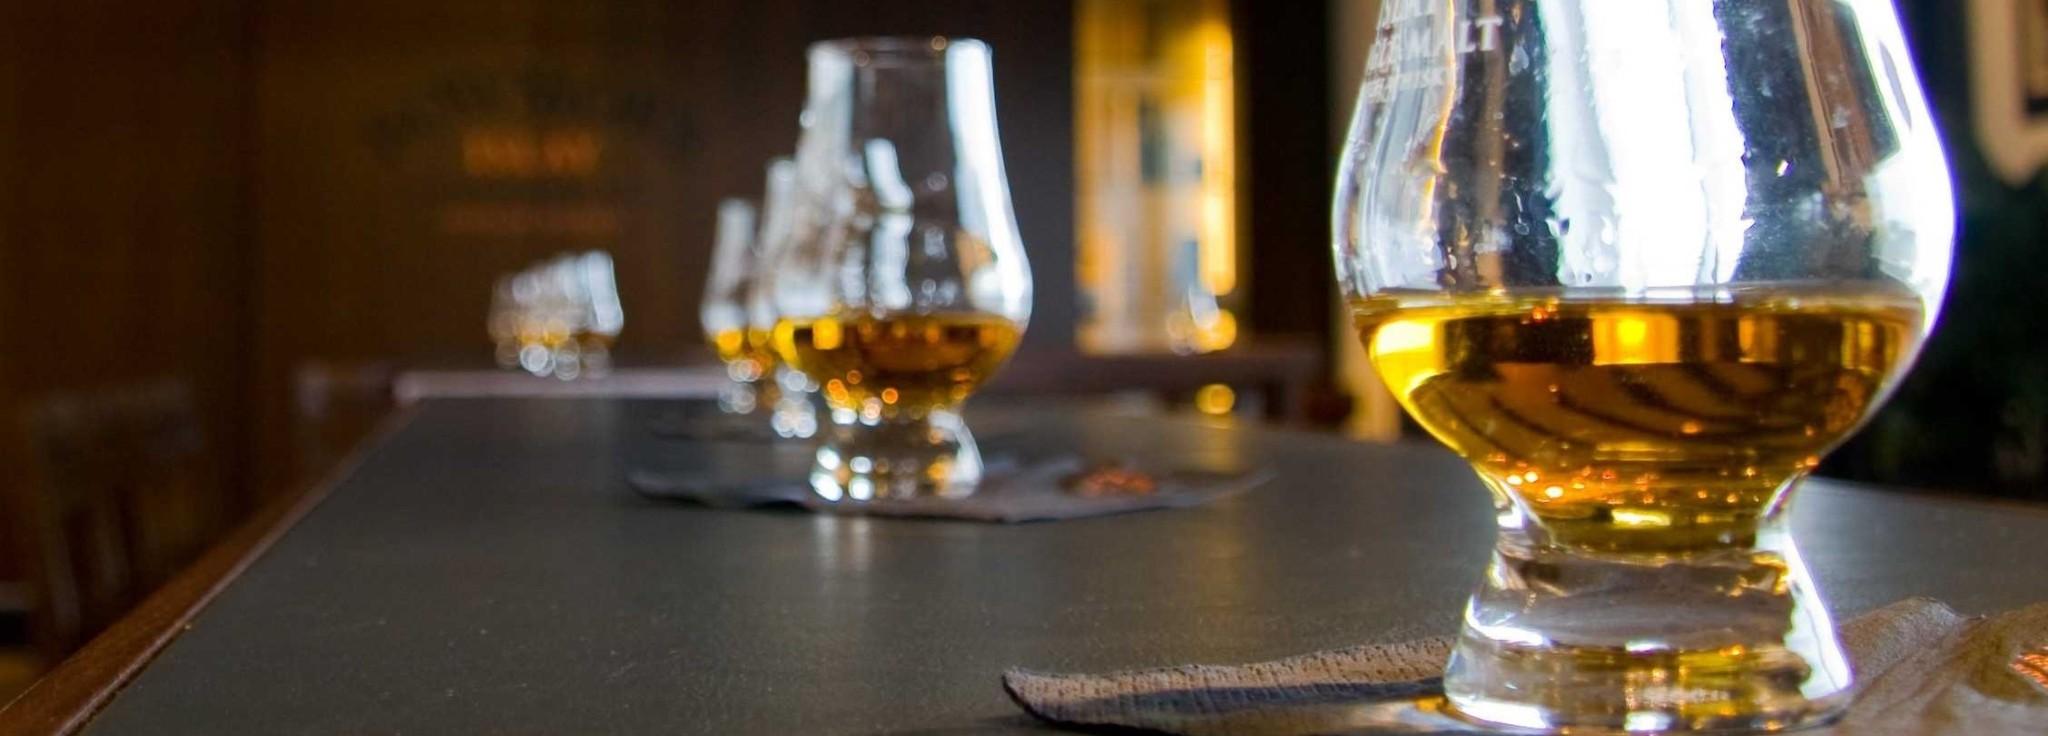 Wyjazdy degustacyjne: whisky & wino & kawa